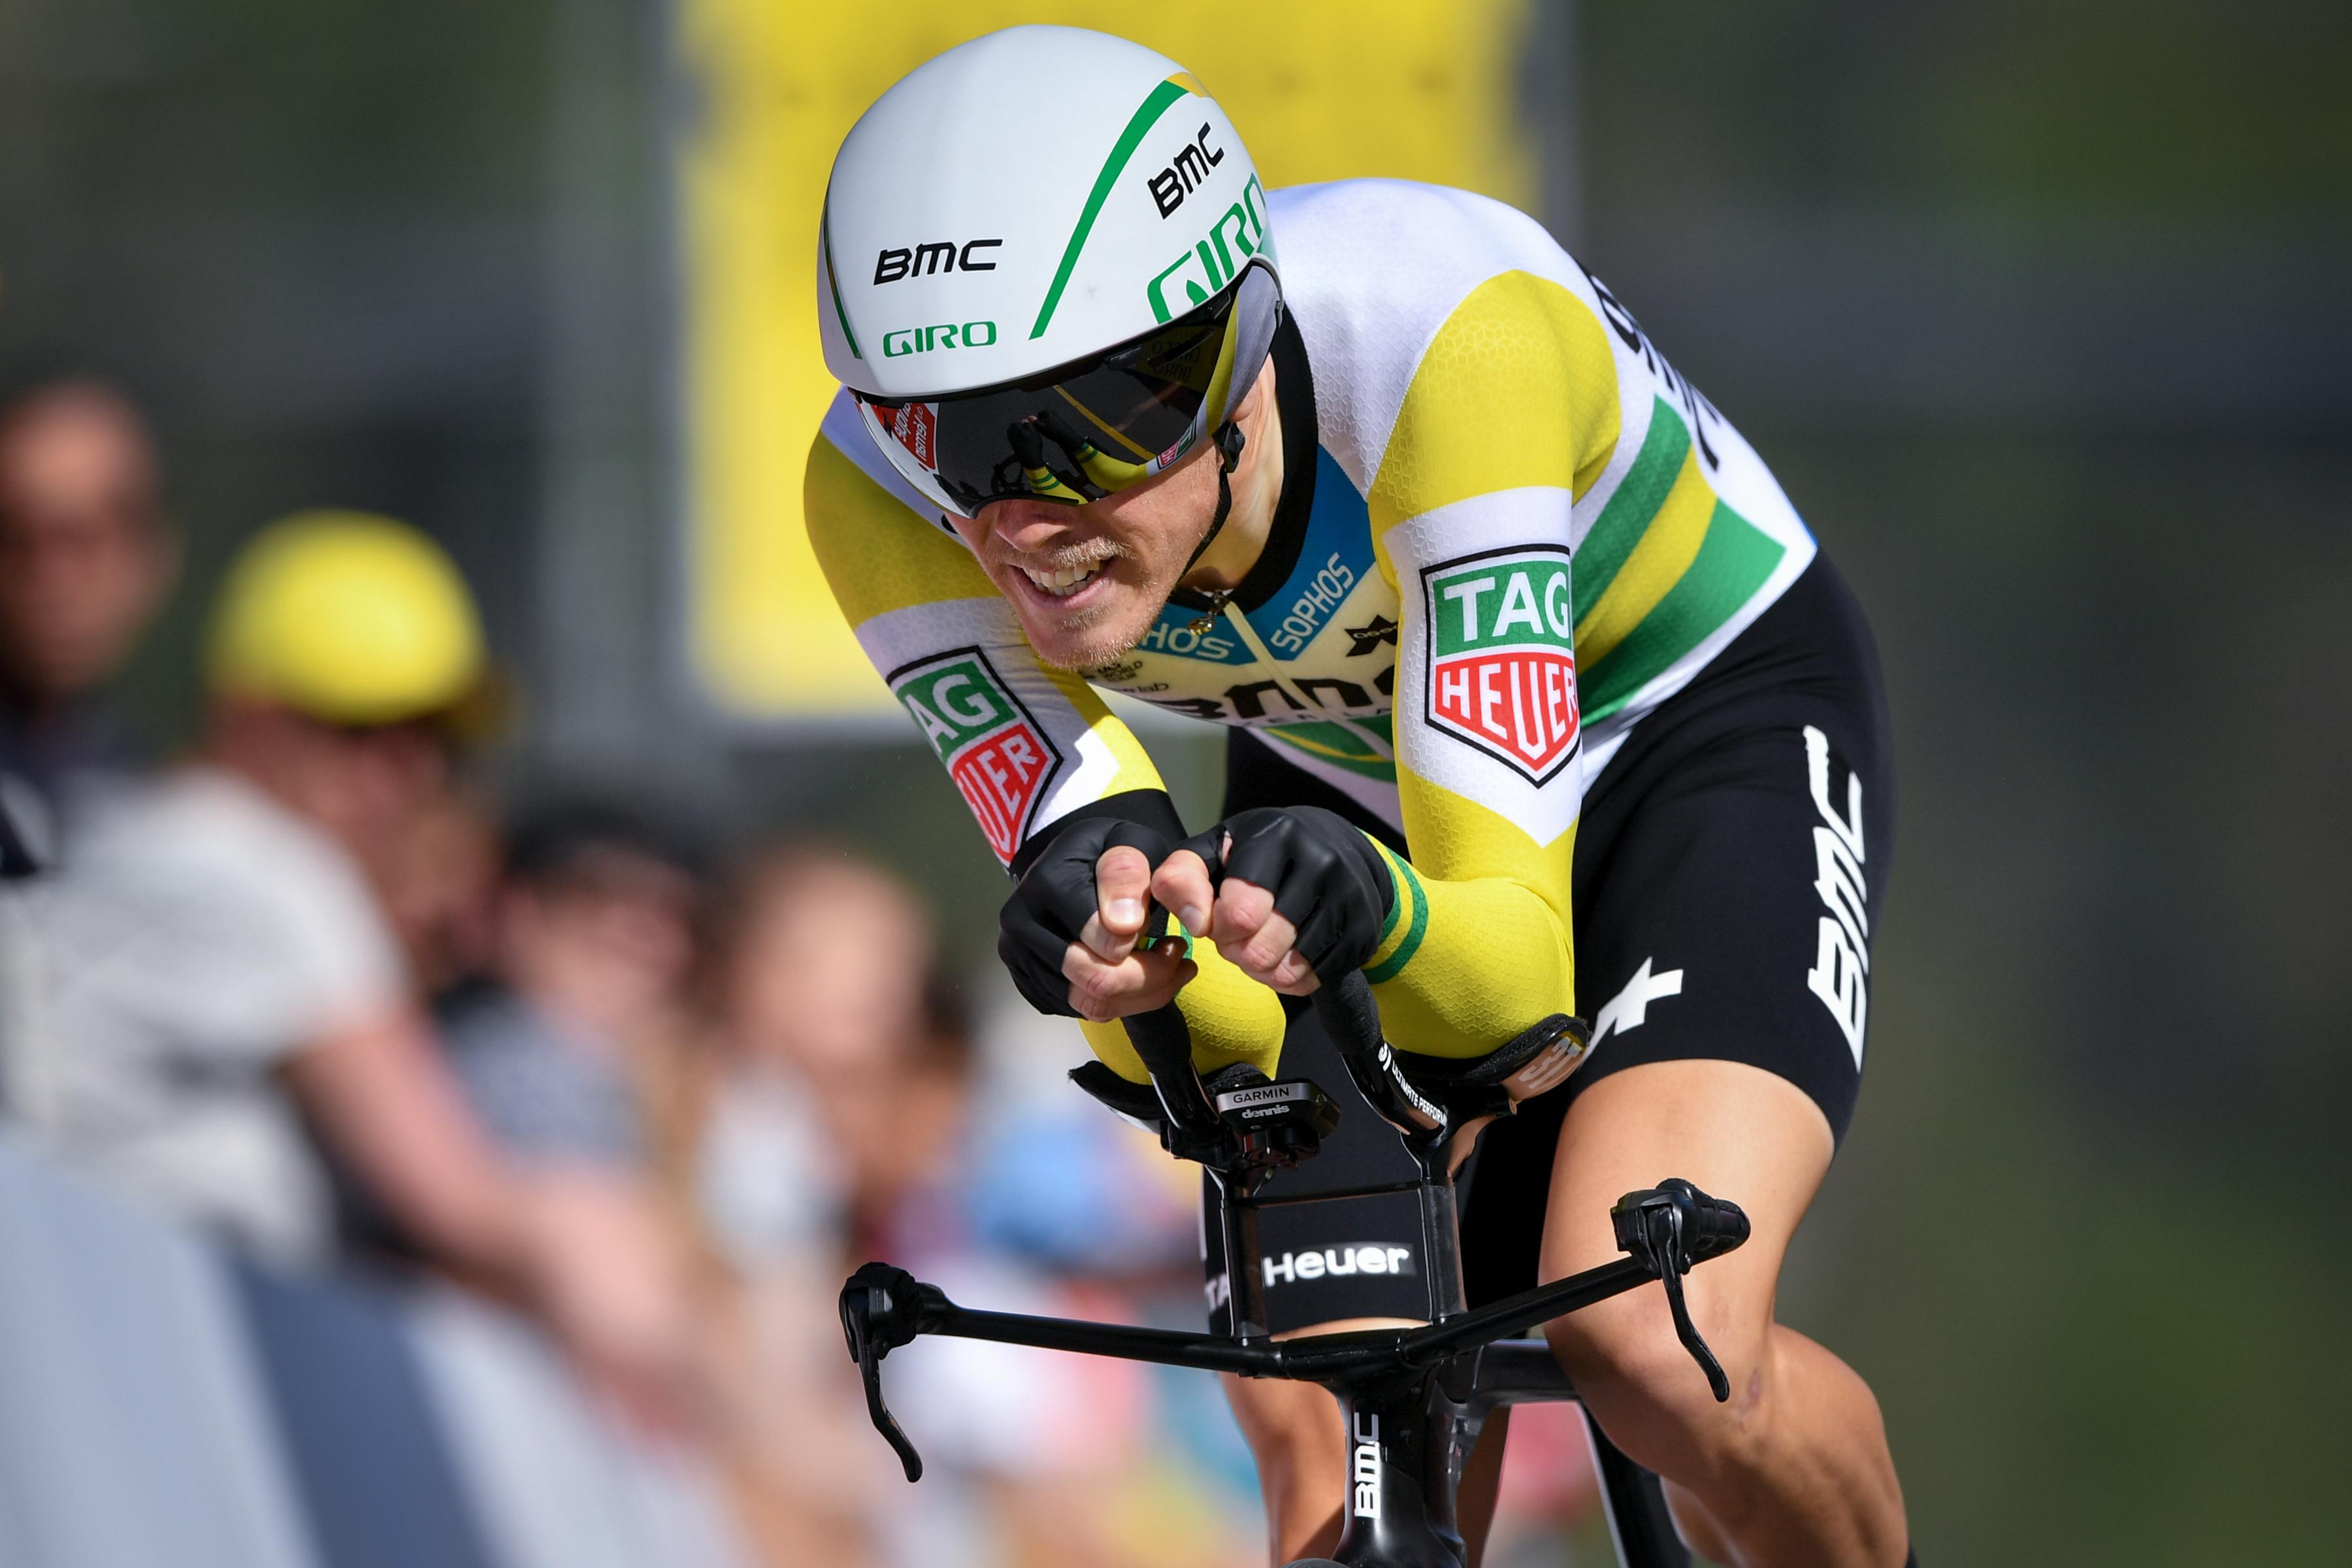 Rohan Dennis hat bei der Vuelta die 16. Etappe gewonnen